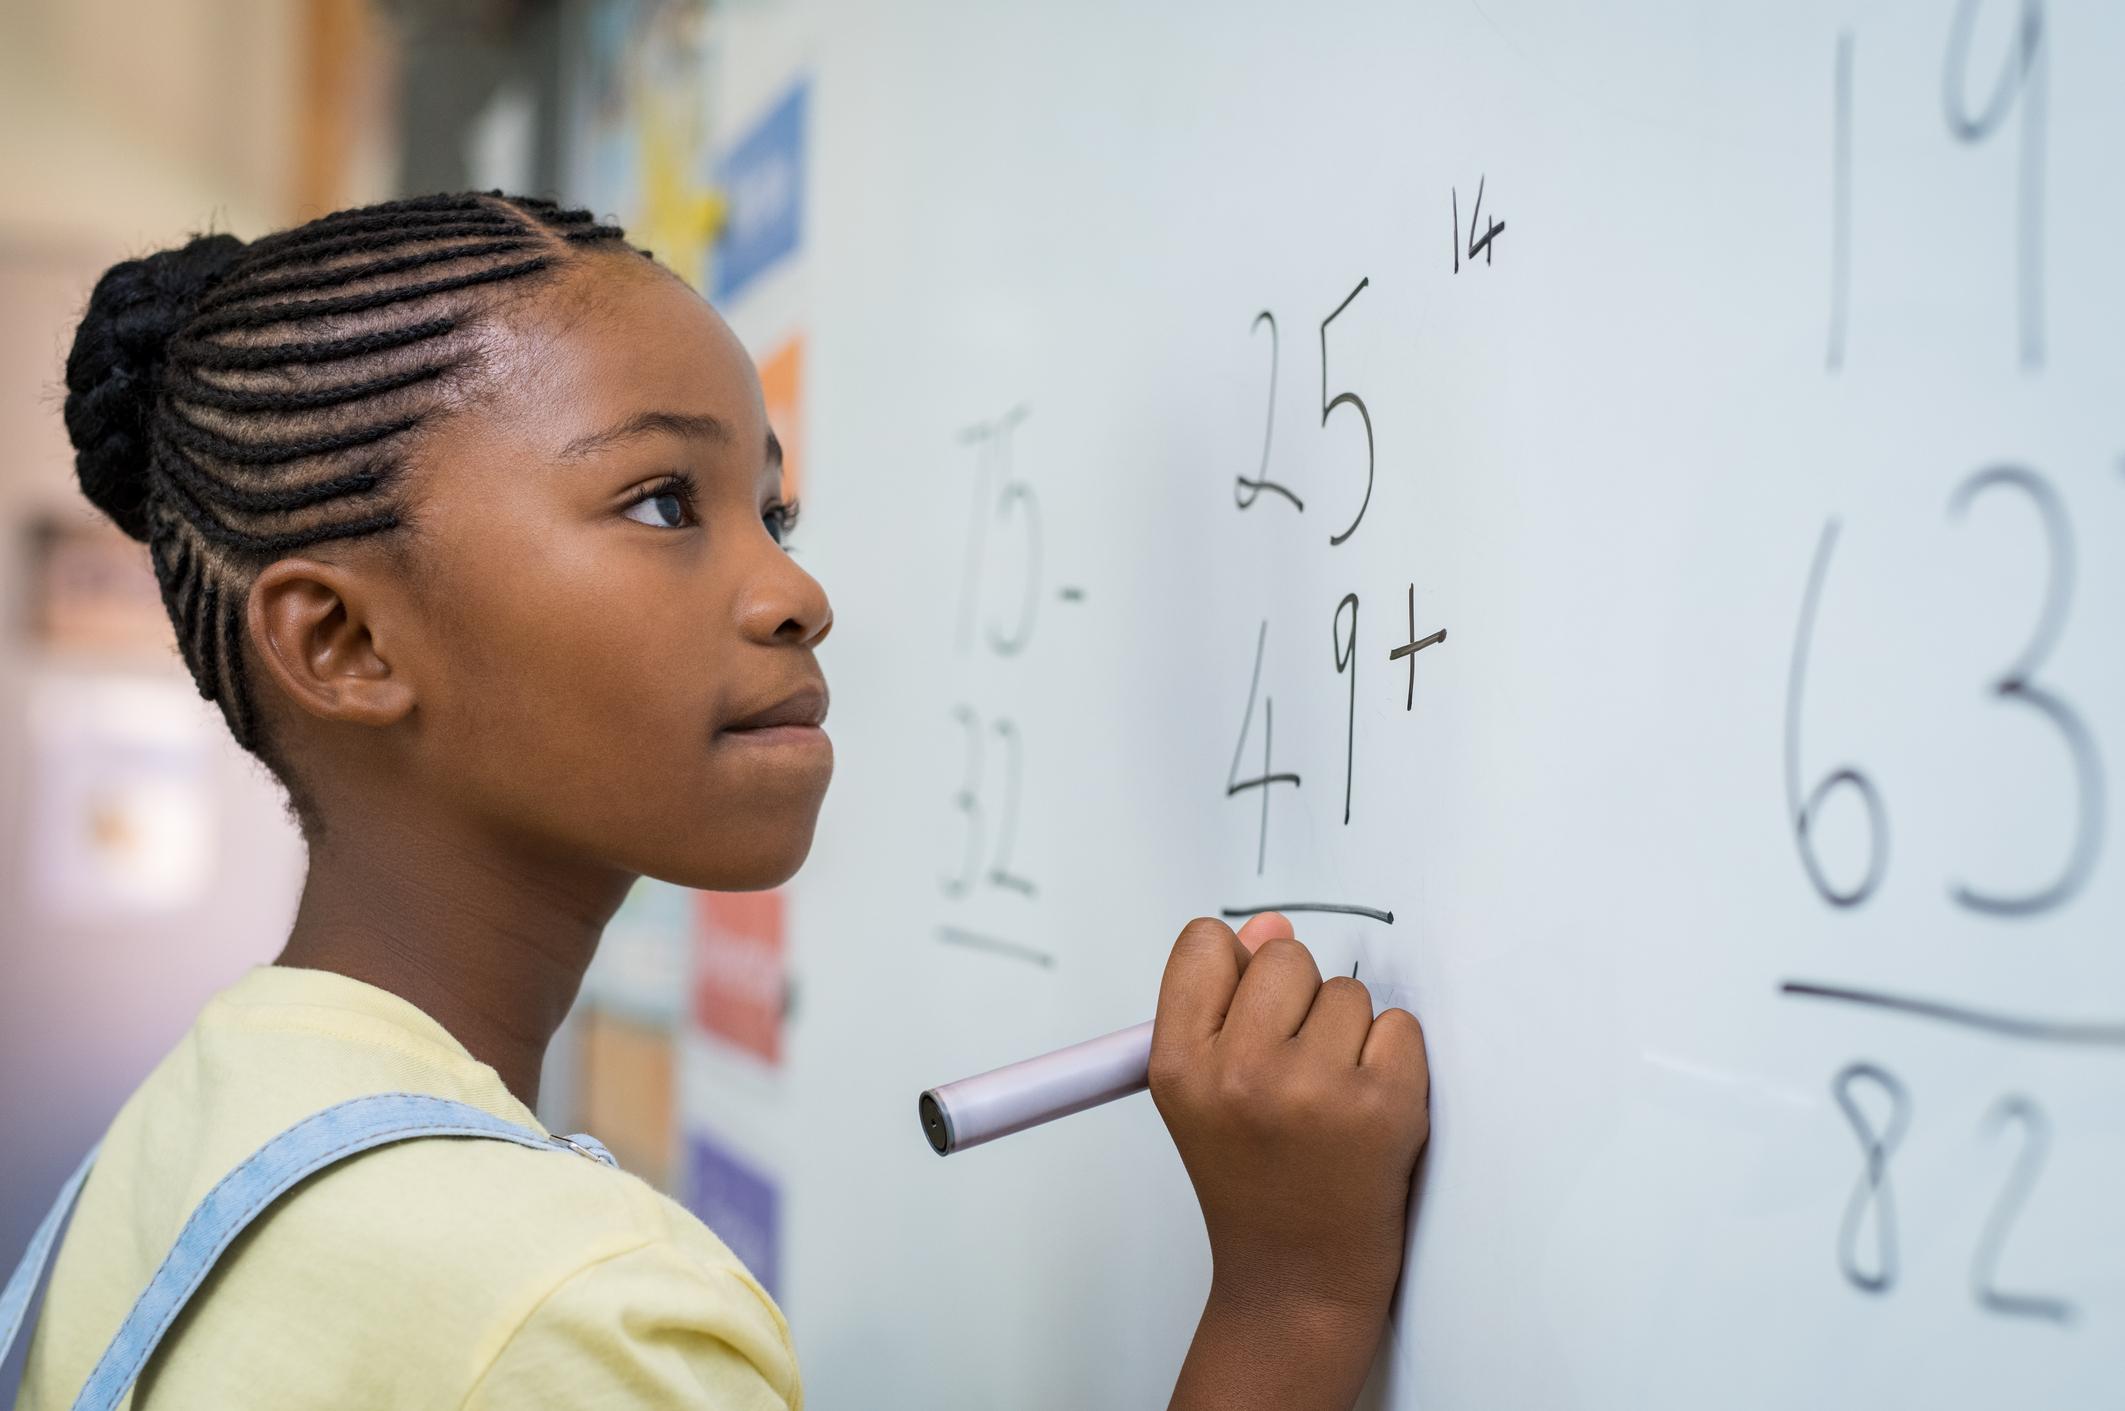 """Ist Mathematik """"rassistisch""""? Oregon will künftig Ethno-Konzepte forcieren"""